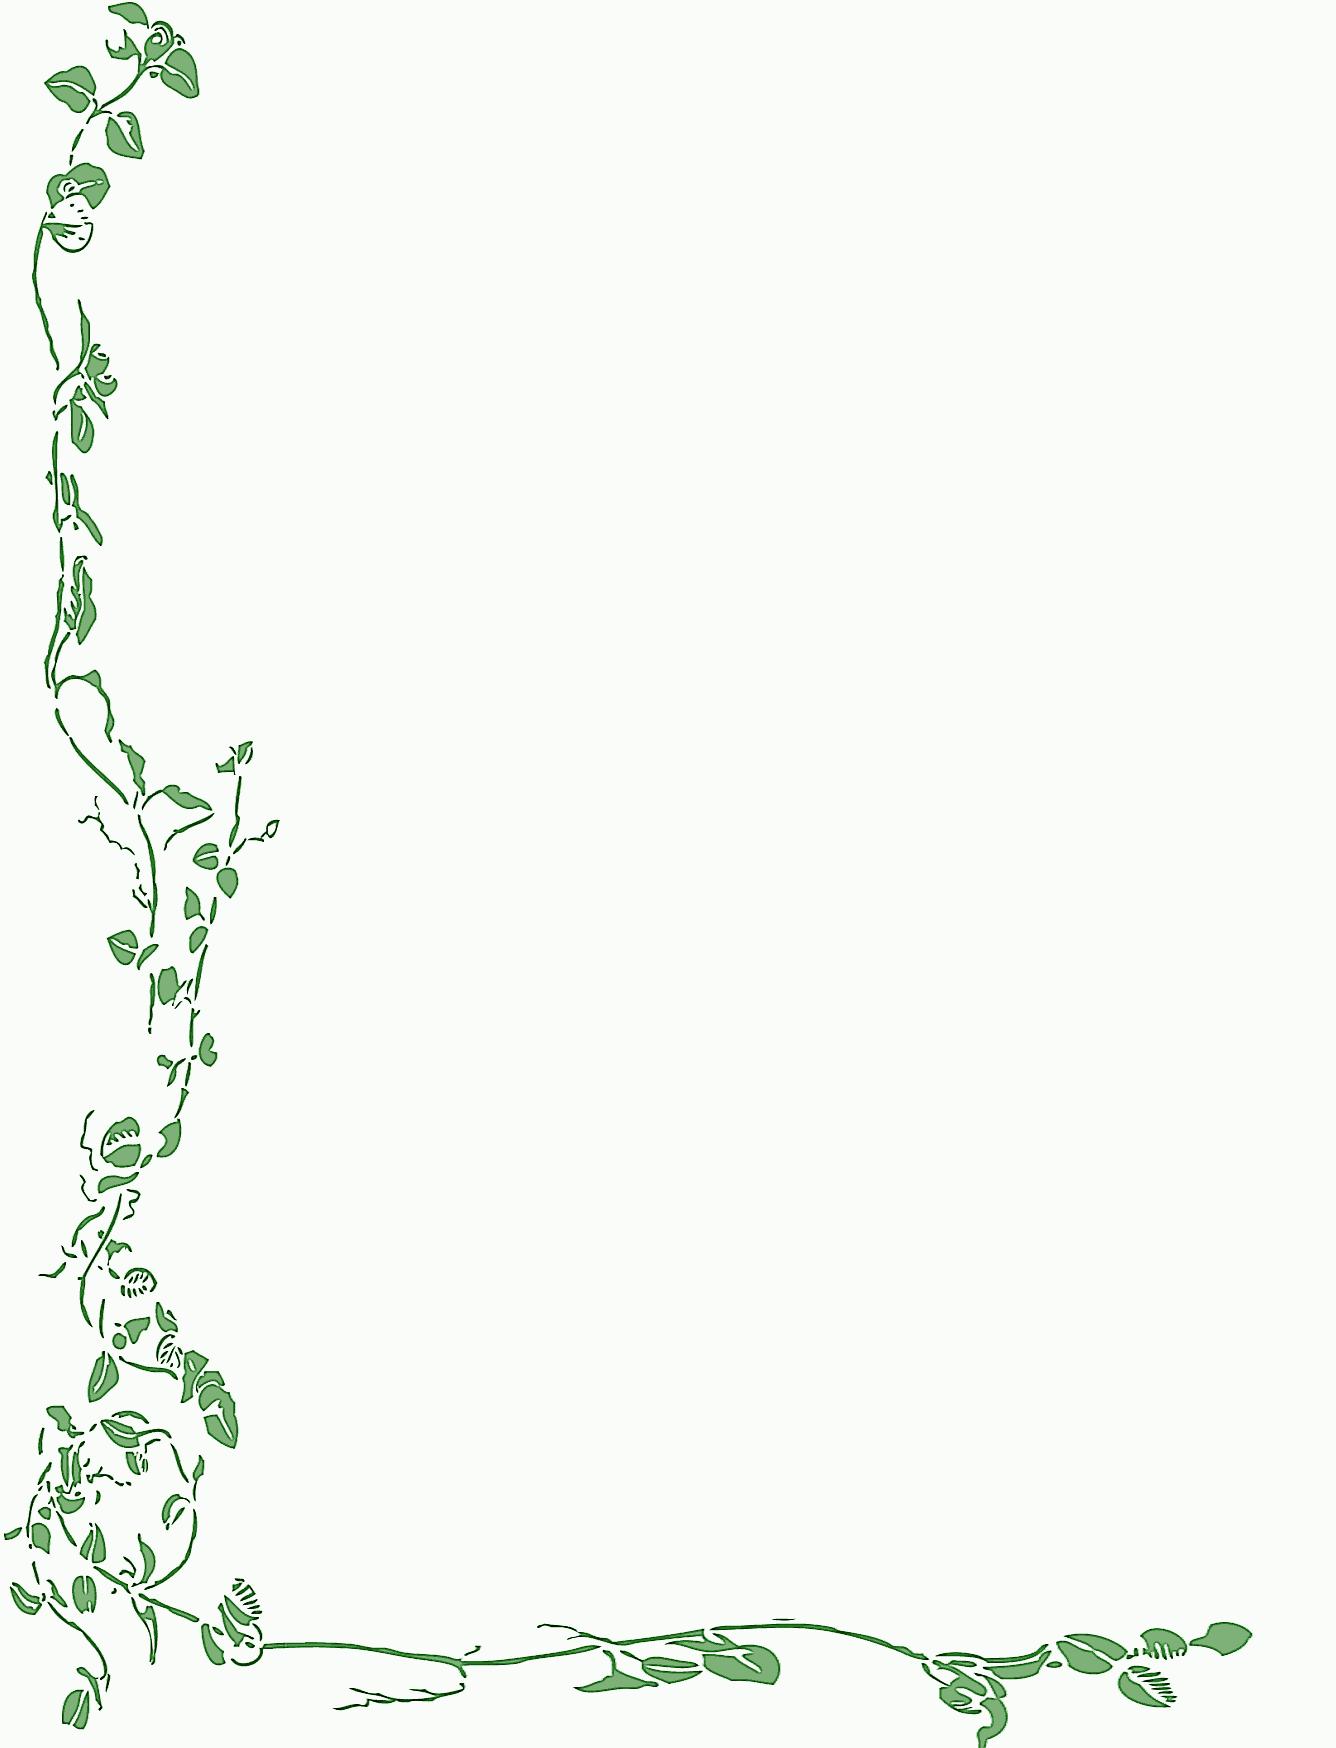 Free Printable Christmas Stationary Borders | Free Printable Spring - Free Printable Stationary Borders